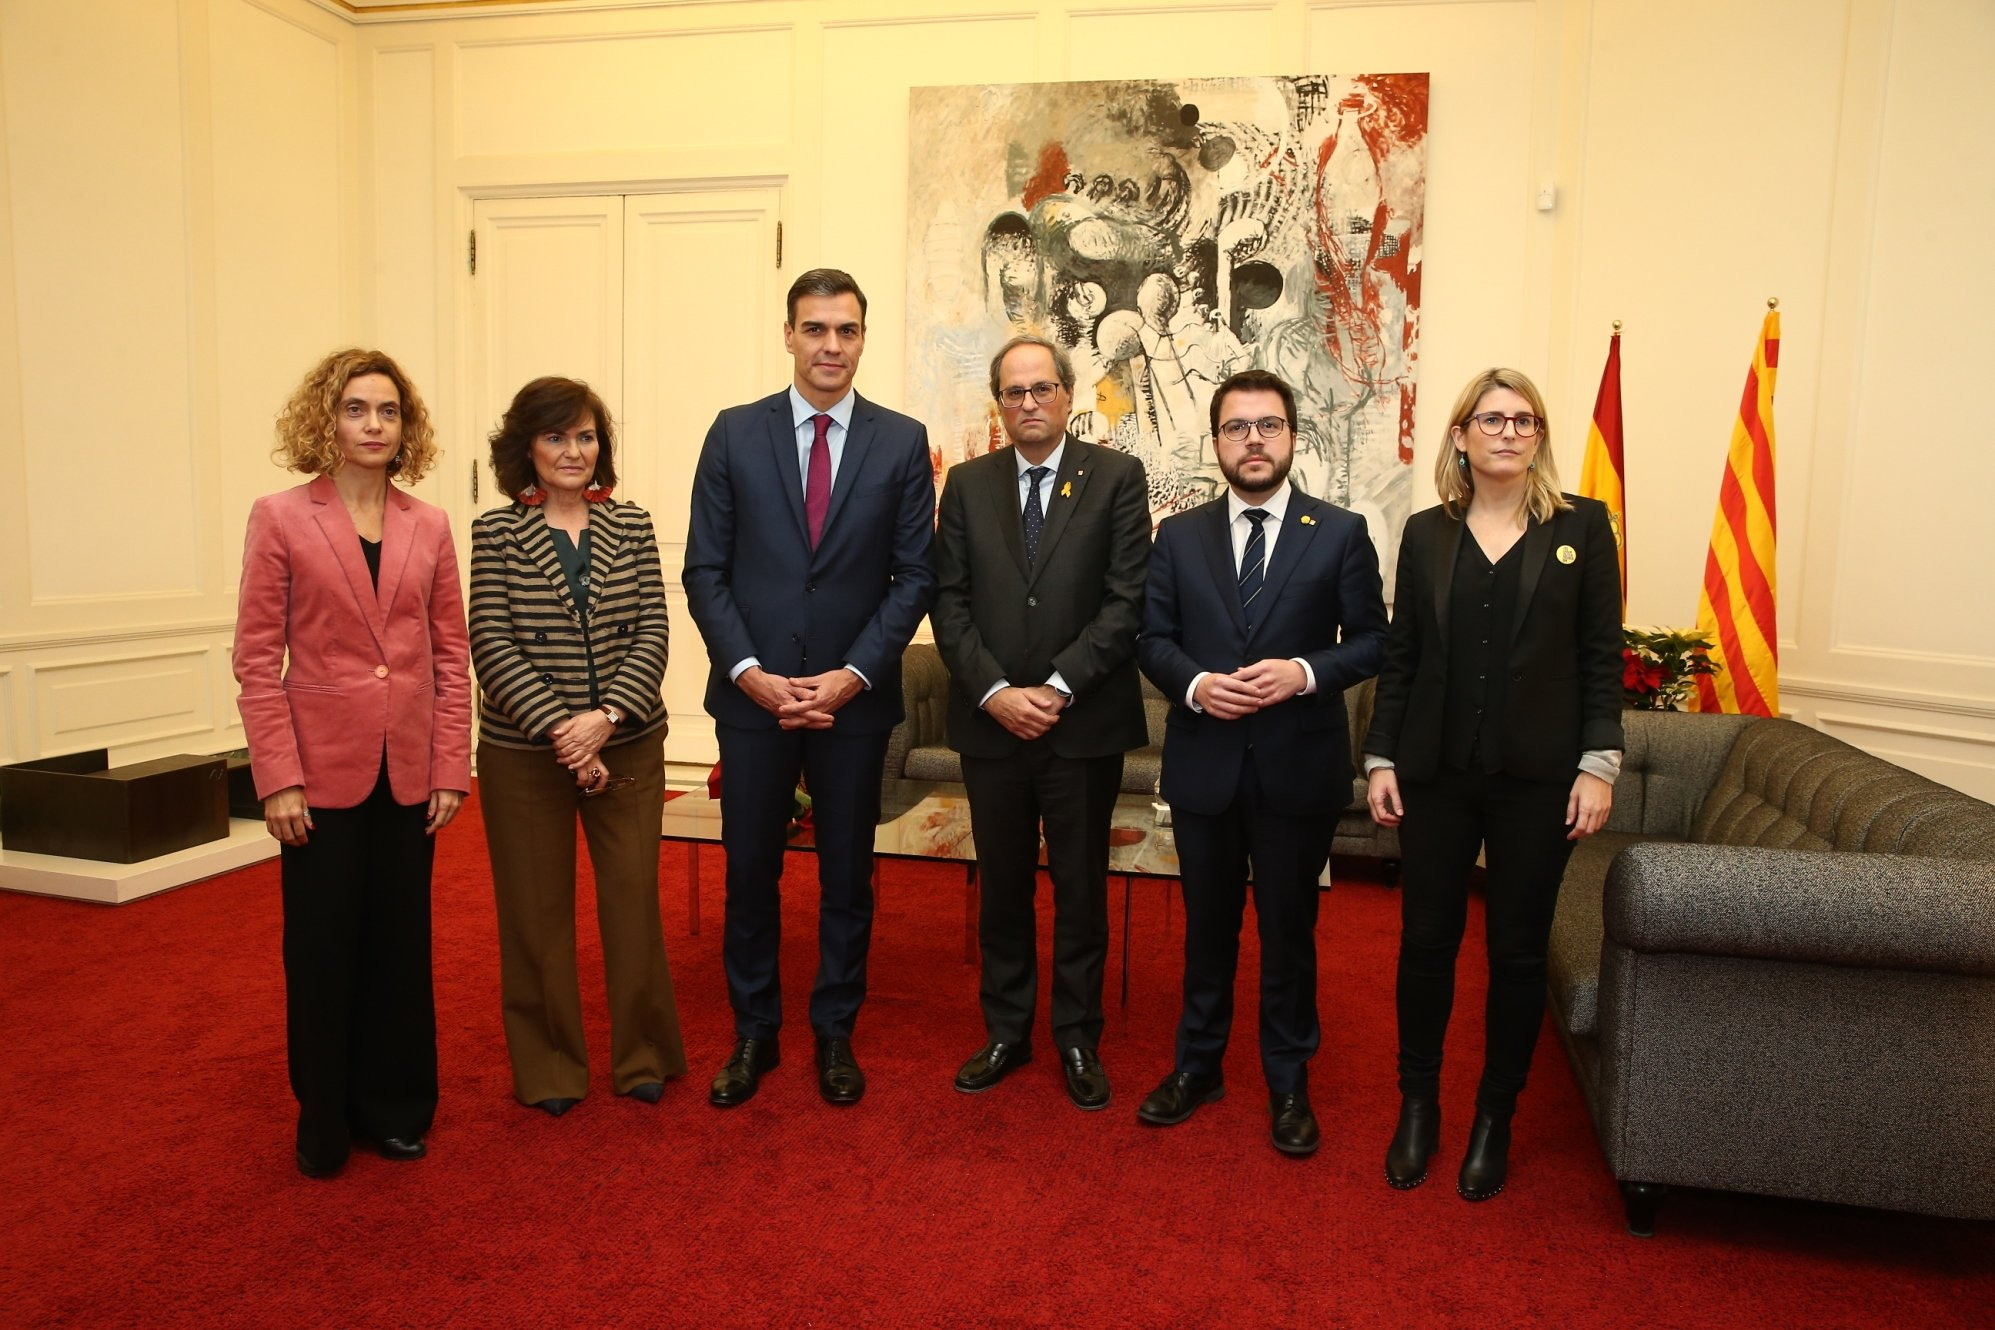 Batet, Calvo, Sánchez, Torra, Aragonés y Artadi